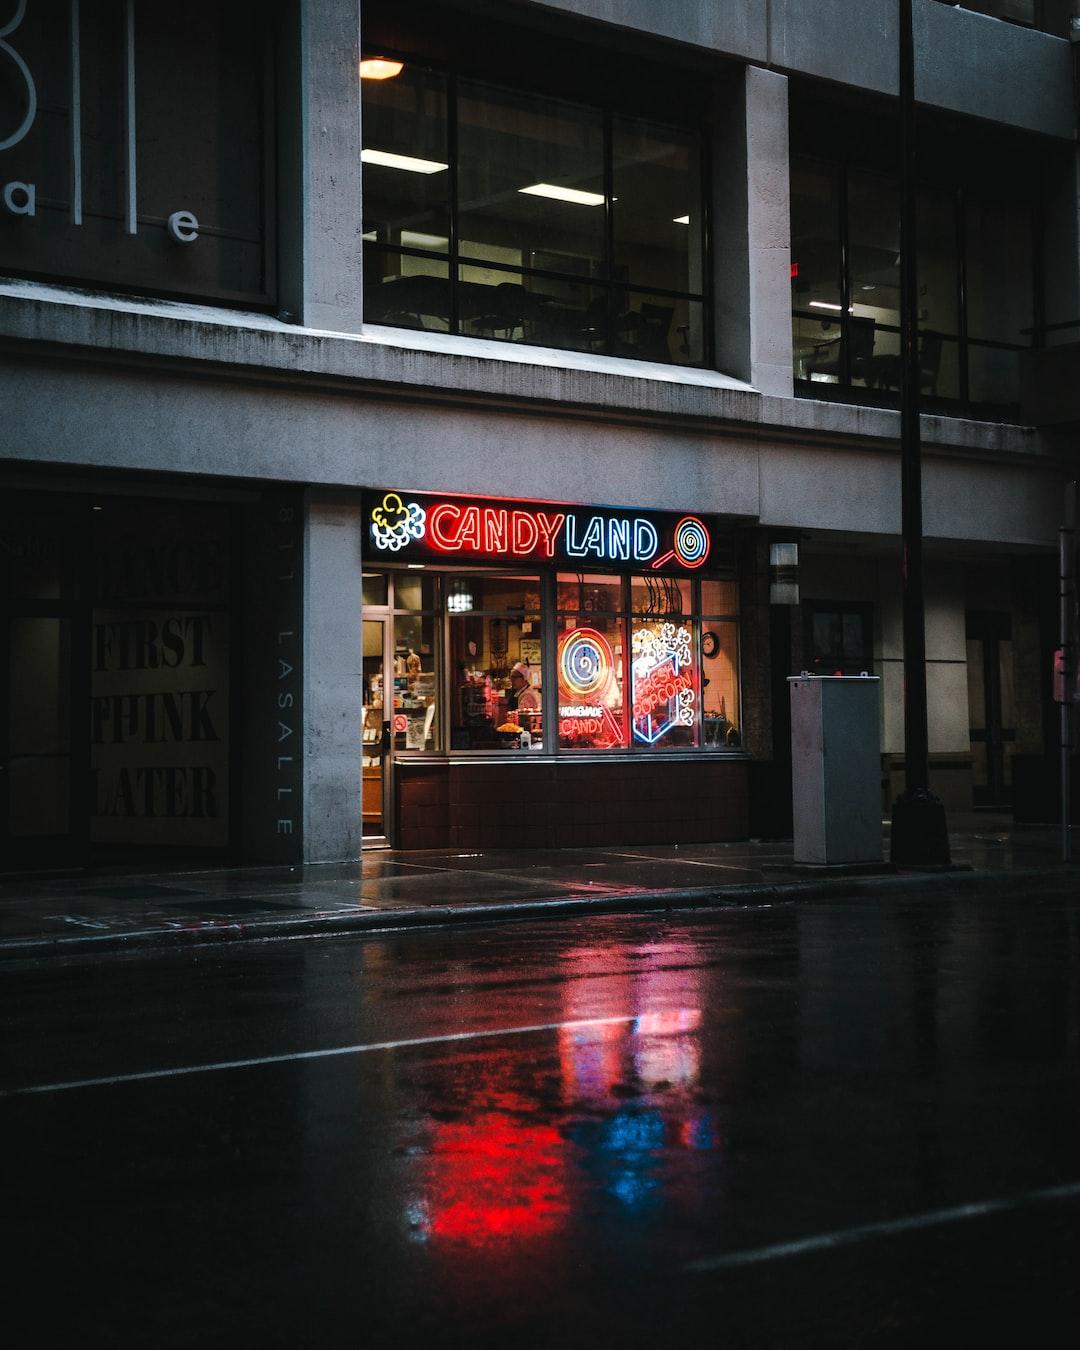 rainy shot of candyland store